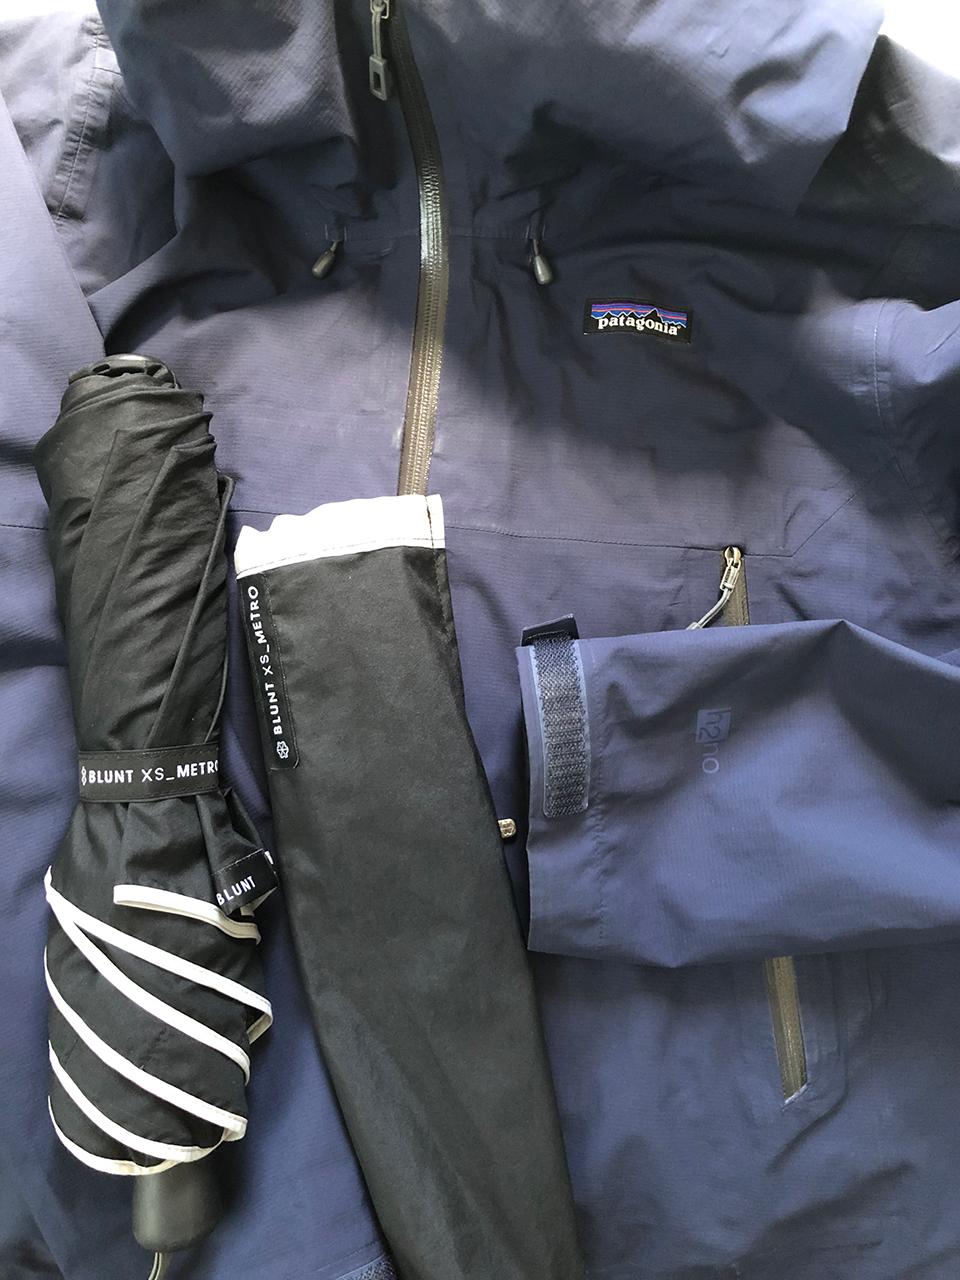 Grangers(グランジャーズ)のアウトドア用品専用洗剤でpatagoniaのジャケットを洗ってみた。